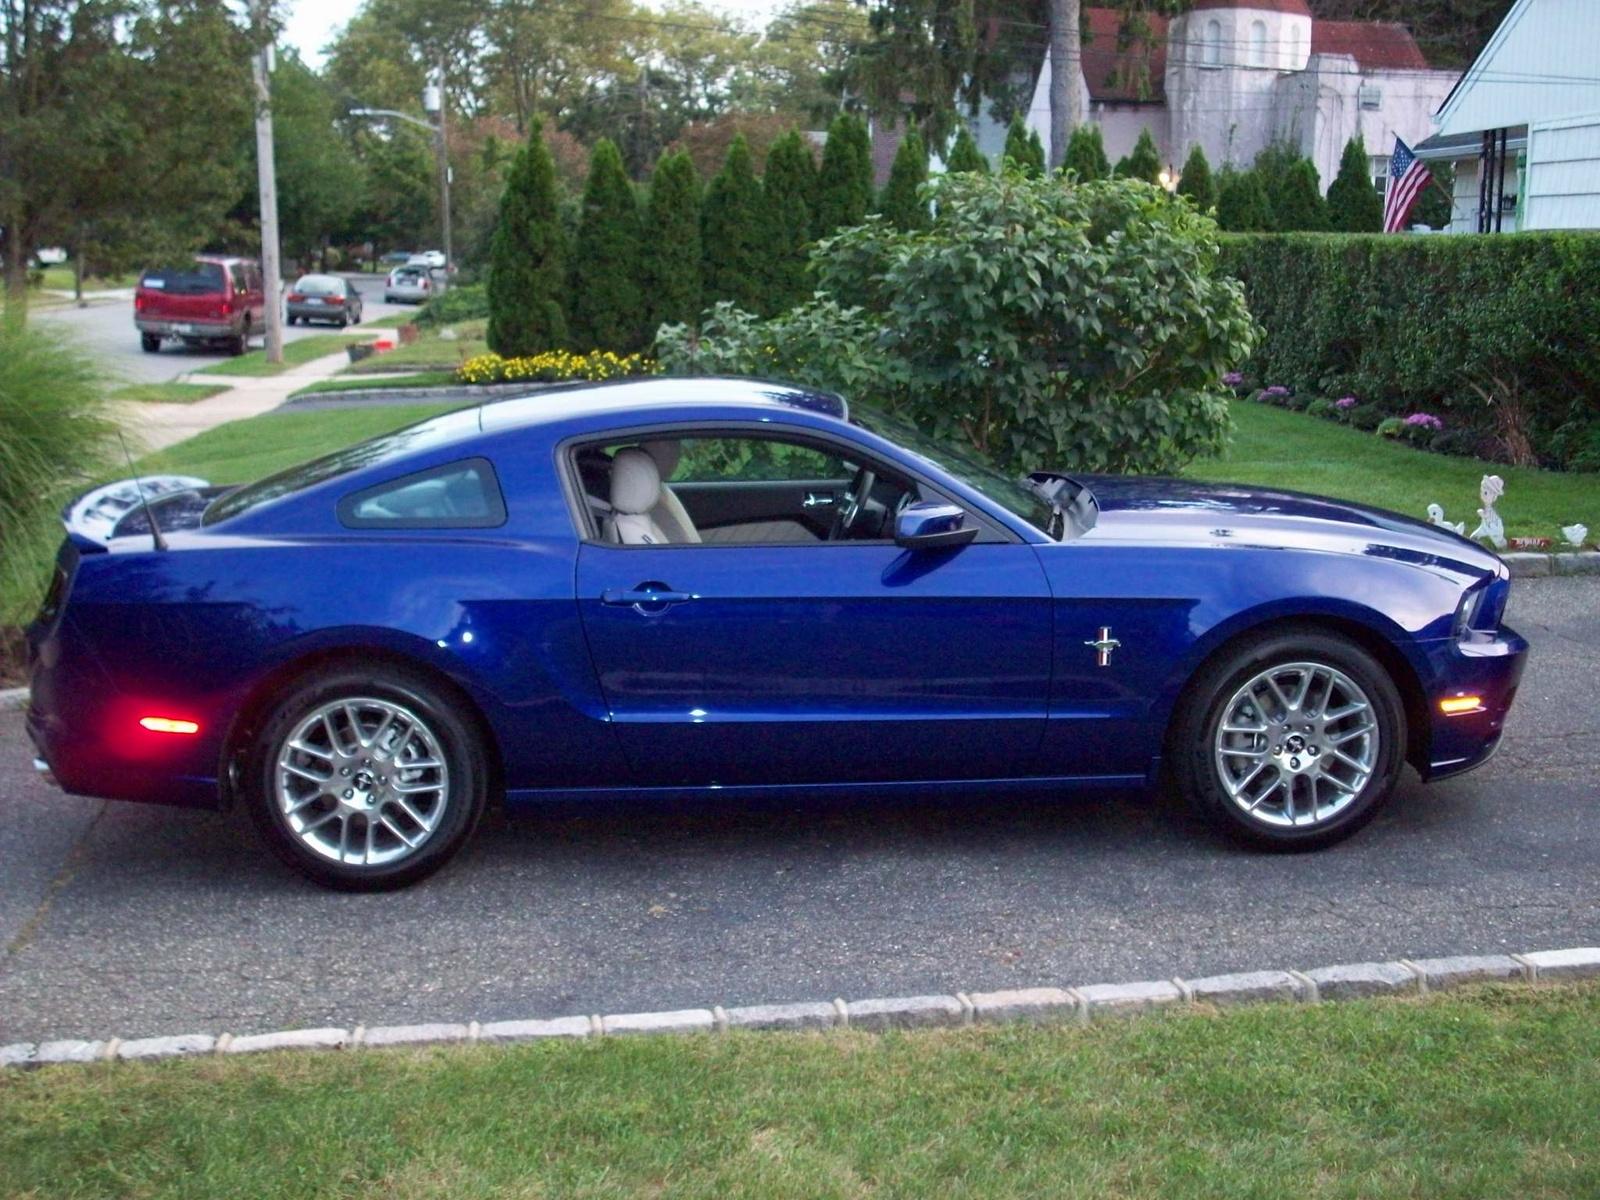 Essai V6 37  BVA  ForumMustangcom  Ford Mustang